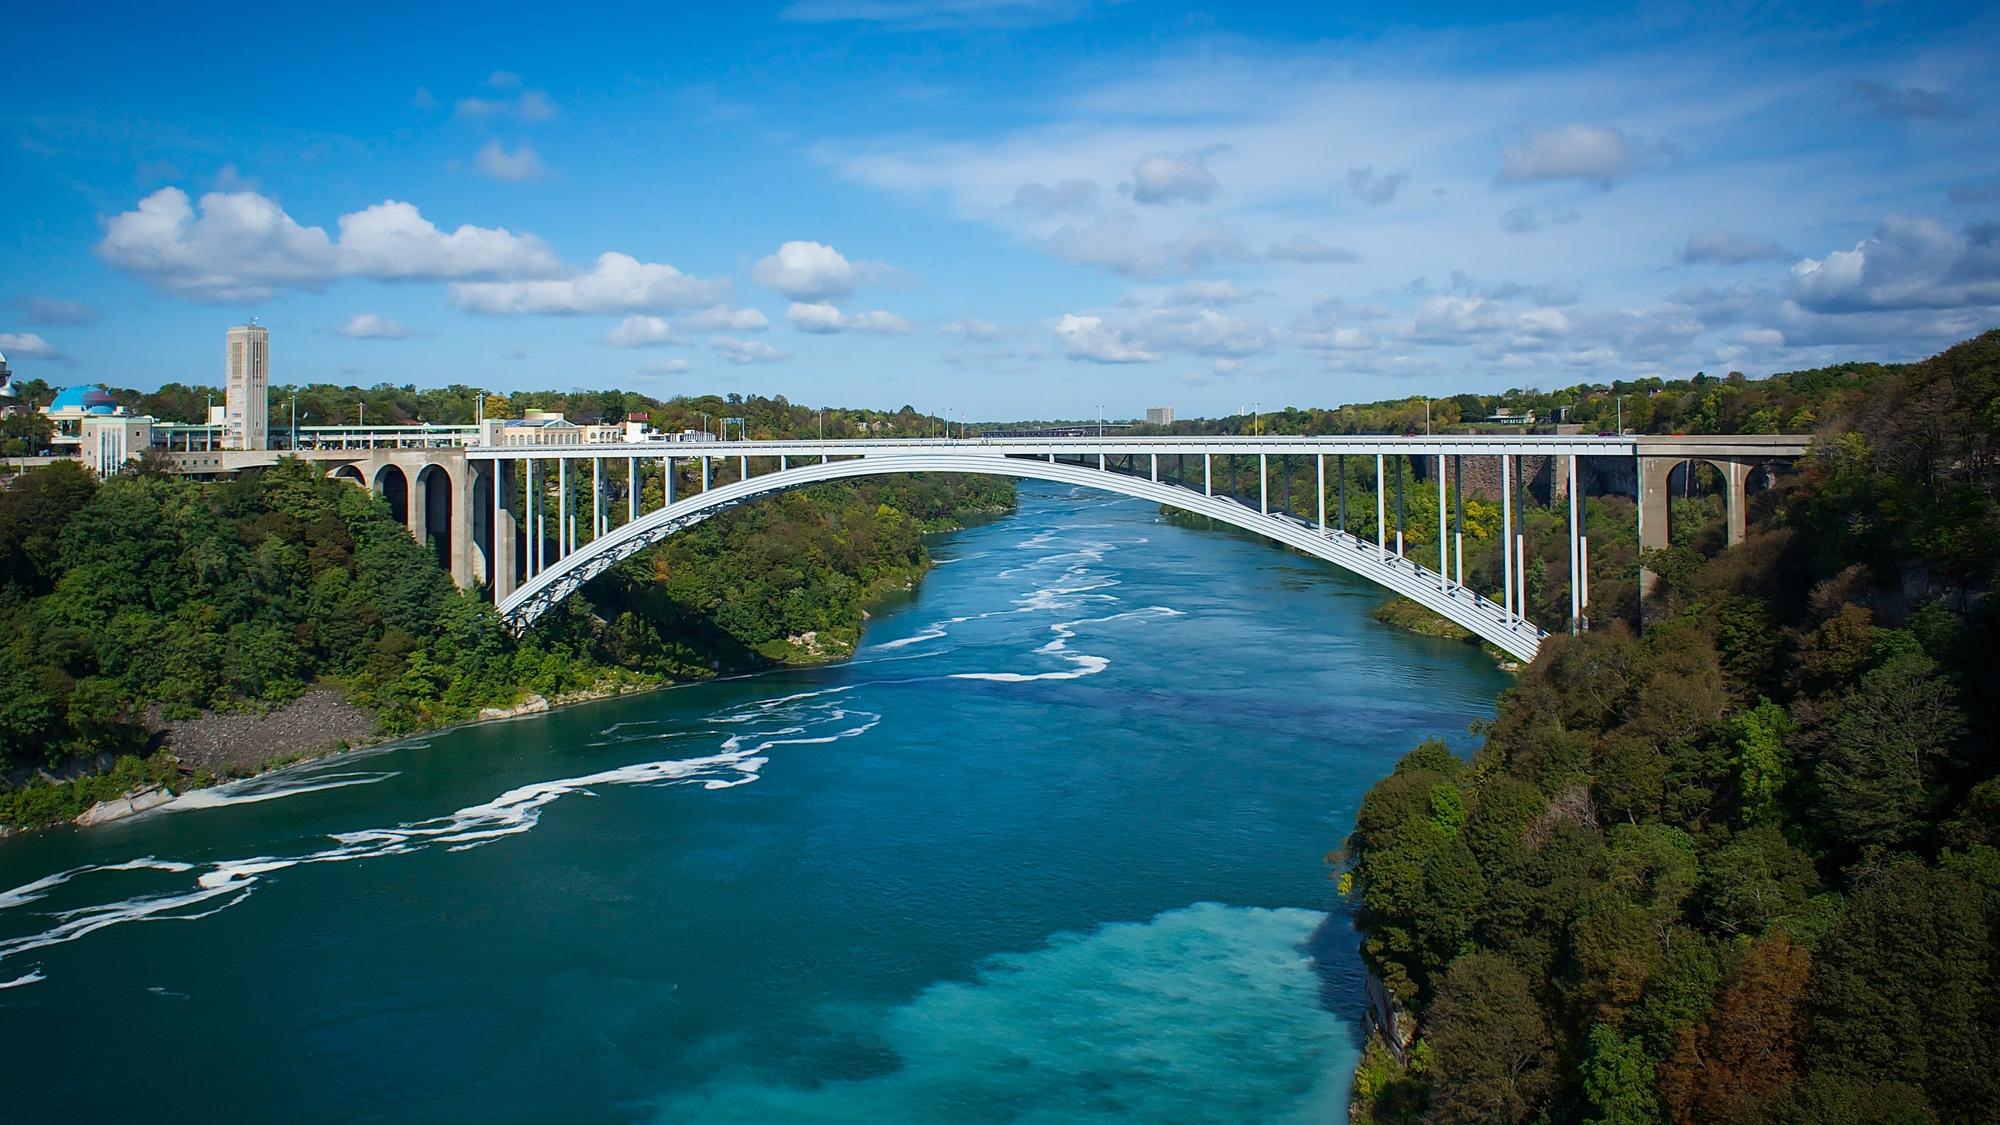 Szivárvány híd